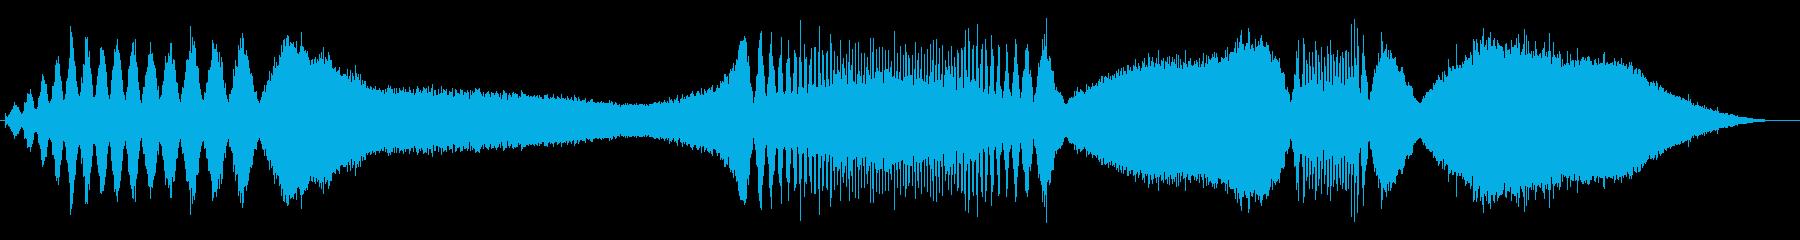 ノイズリップル、ウインドダウン、ア...の再生済みの波形